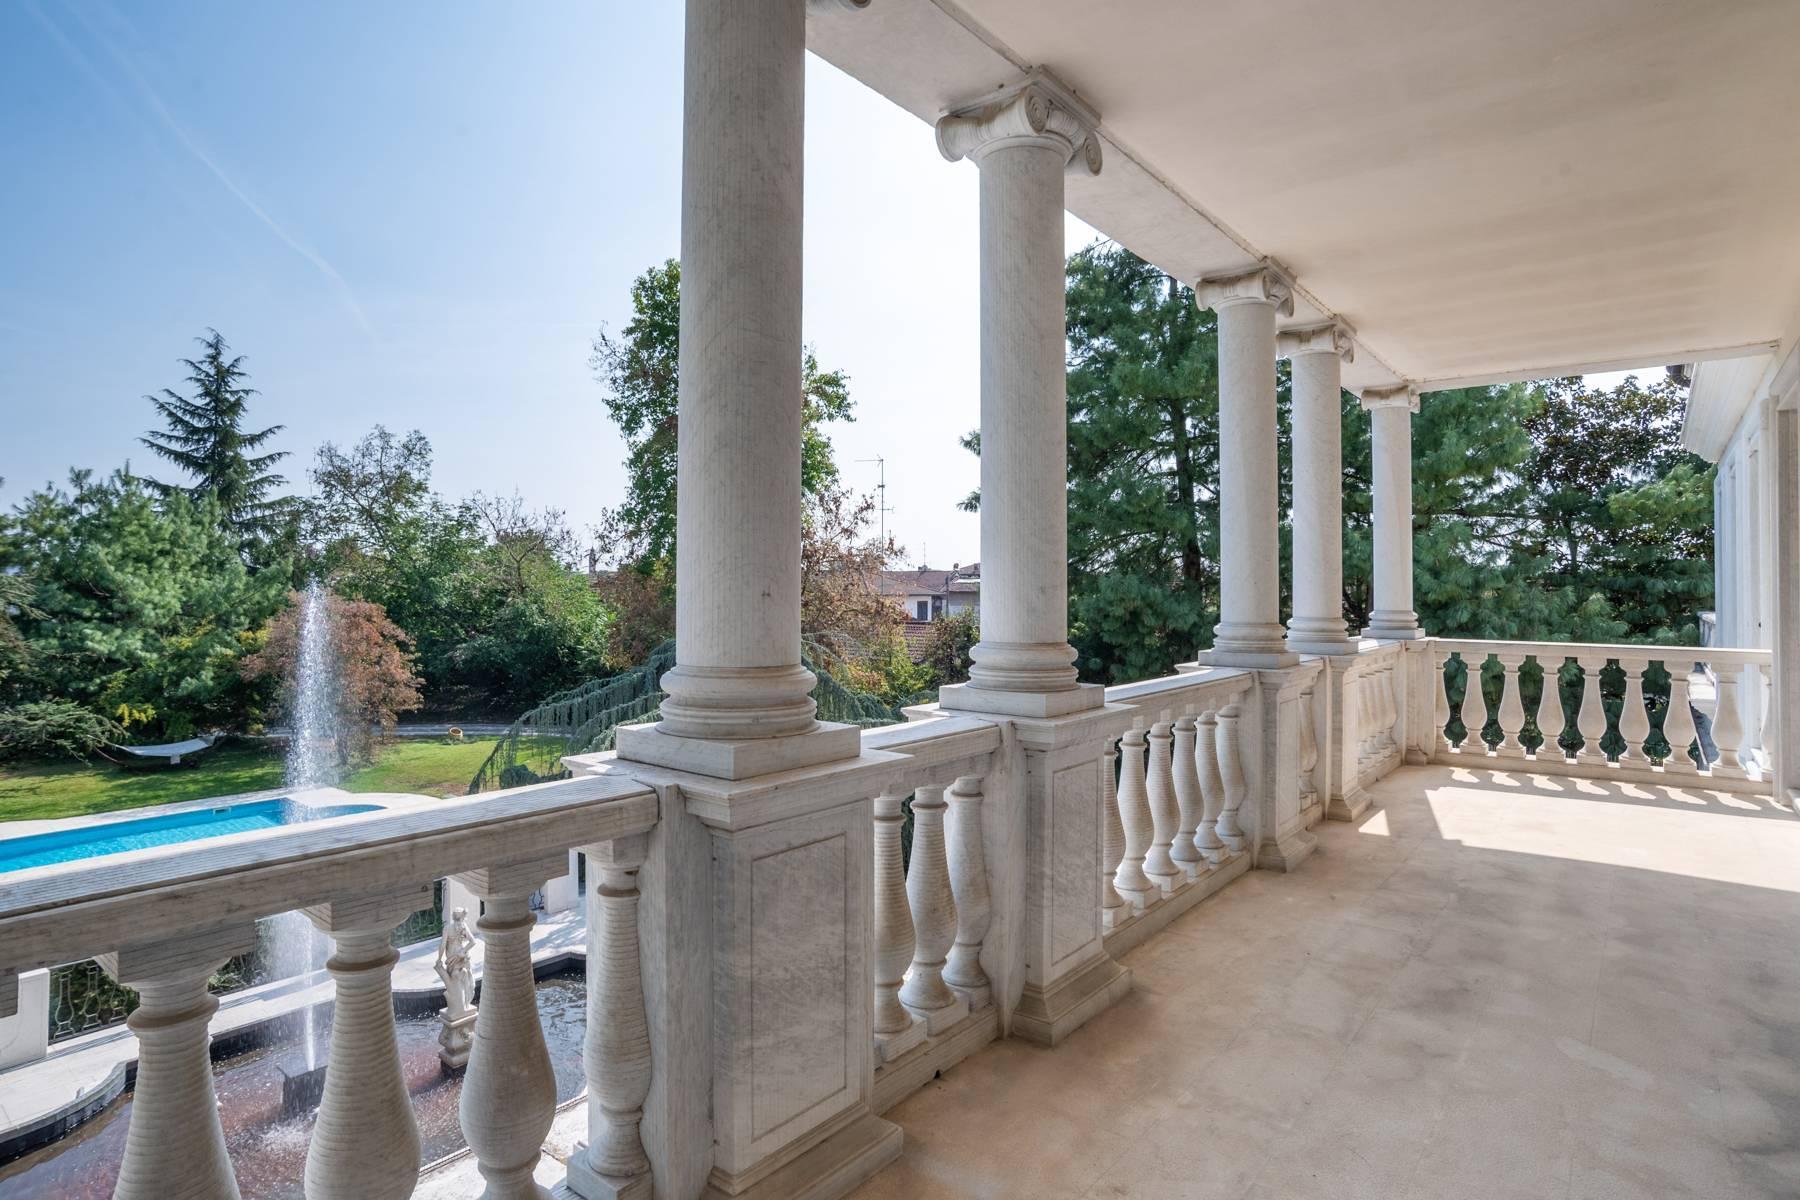 Lussuosa villa neoclassica con ampio parco e piscina - 24